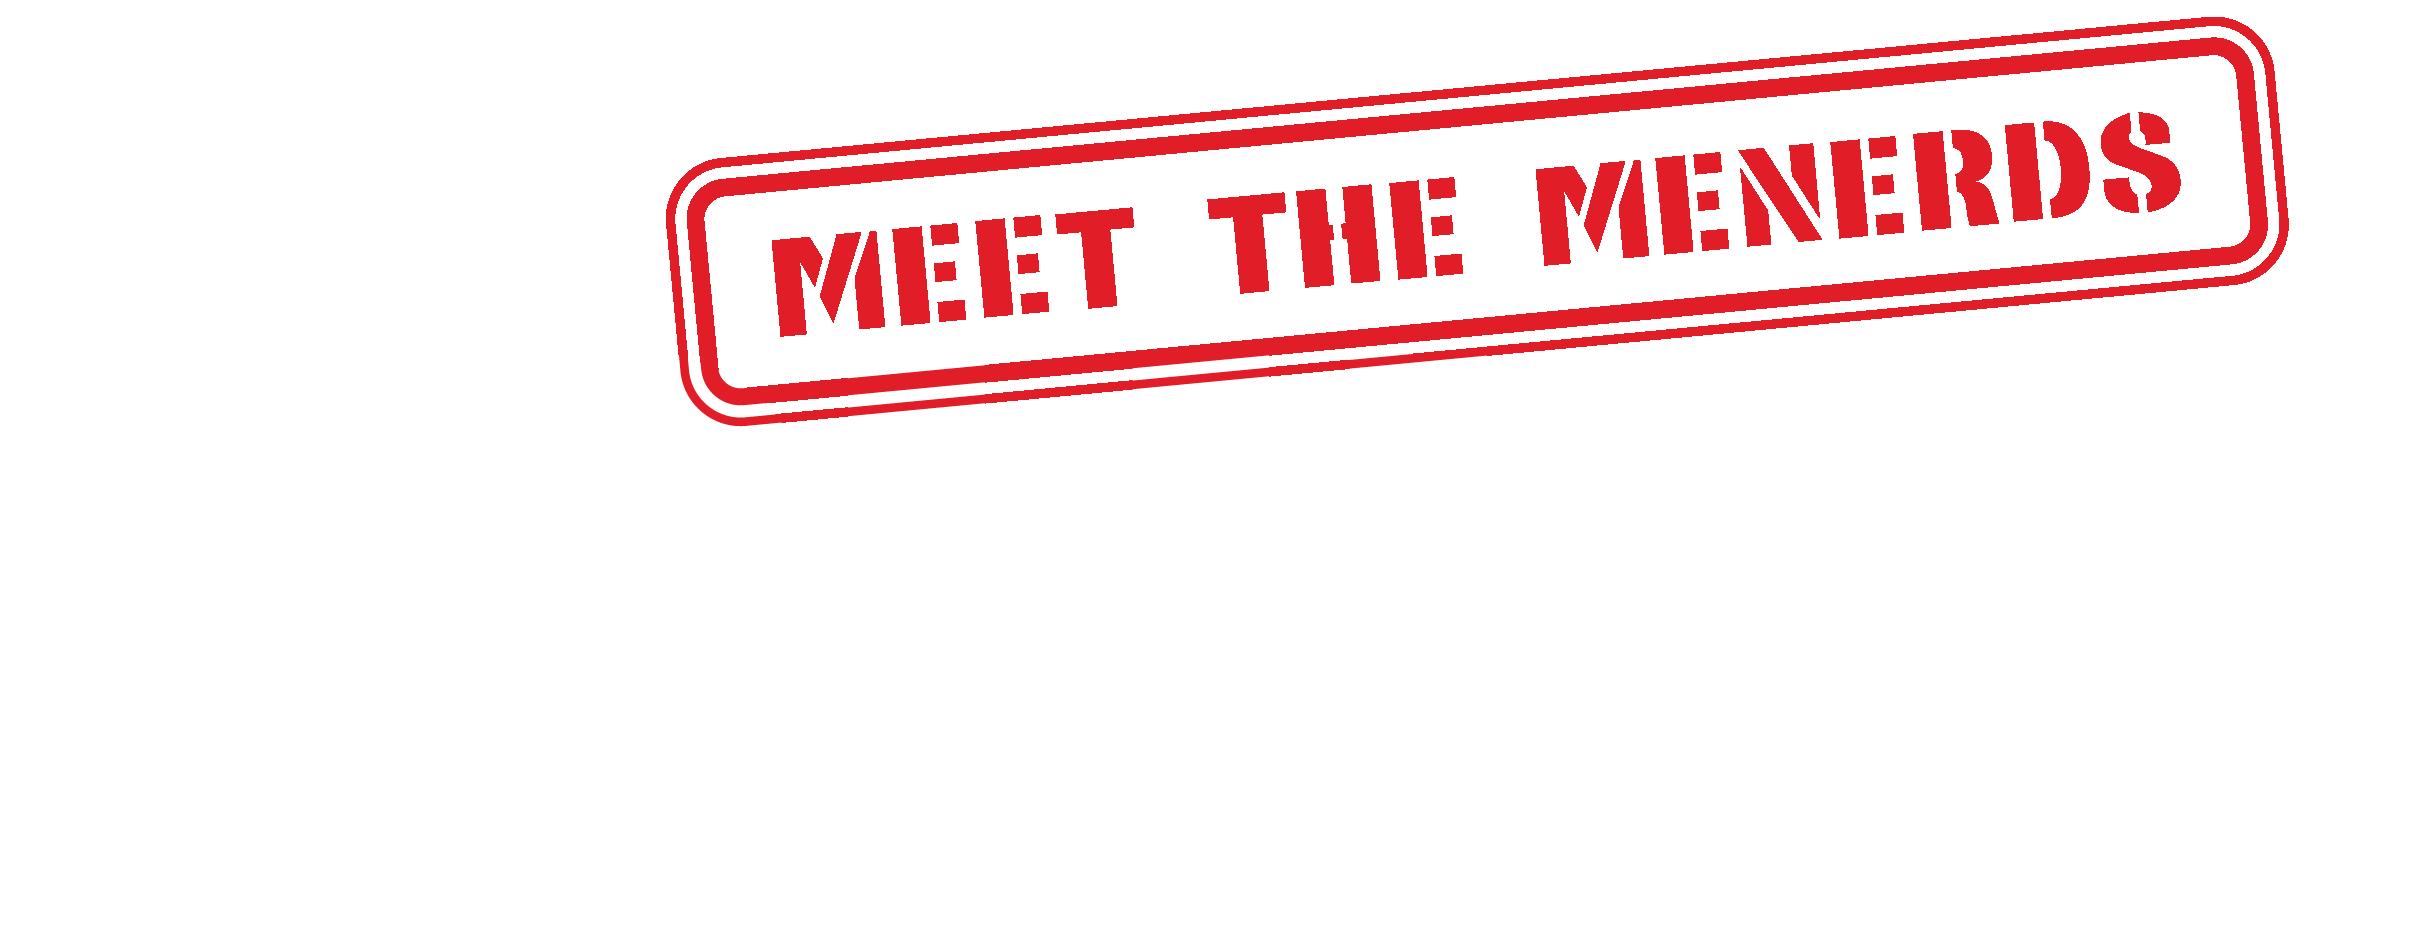 The Column - Meet the Menerds